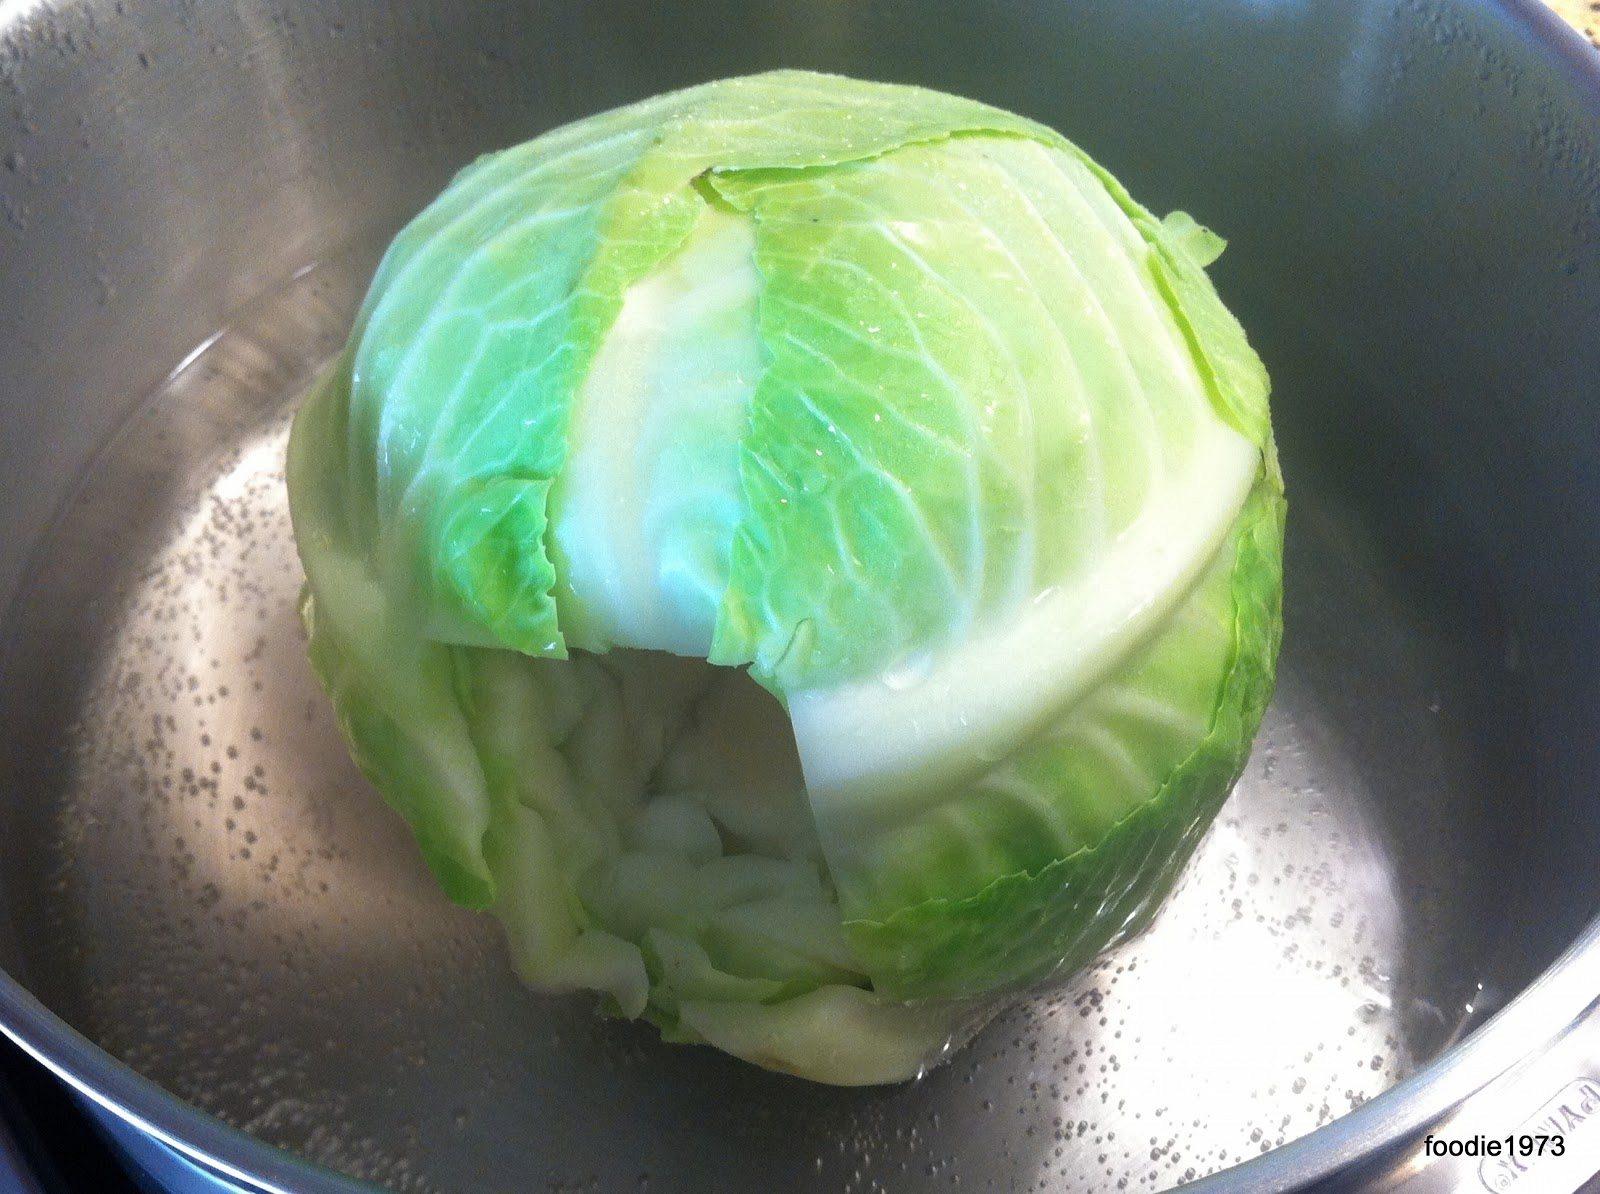 Τοποθετώ το λάχανο στην κατσαρόλα για να μαλακώσουν τα φύλλα του.